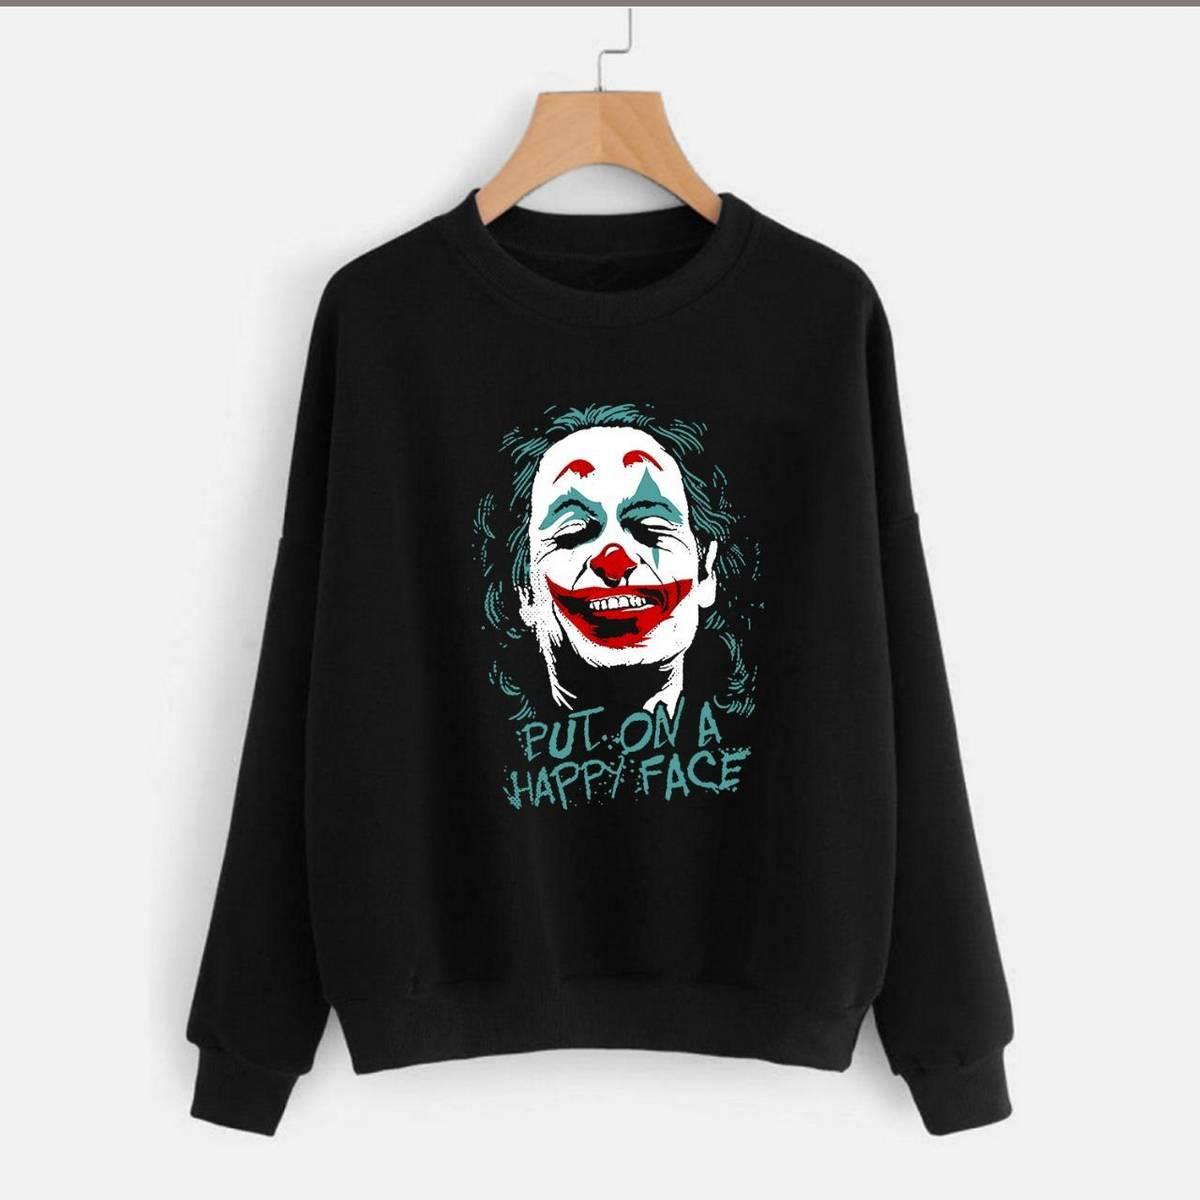 Joker Happy Face Printed Sweatshirt for Men